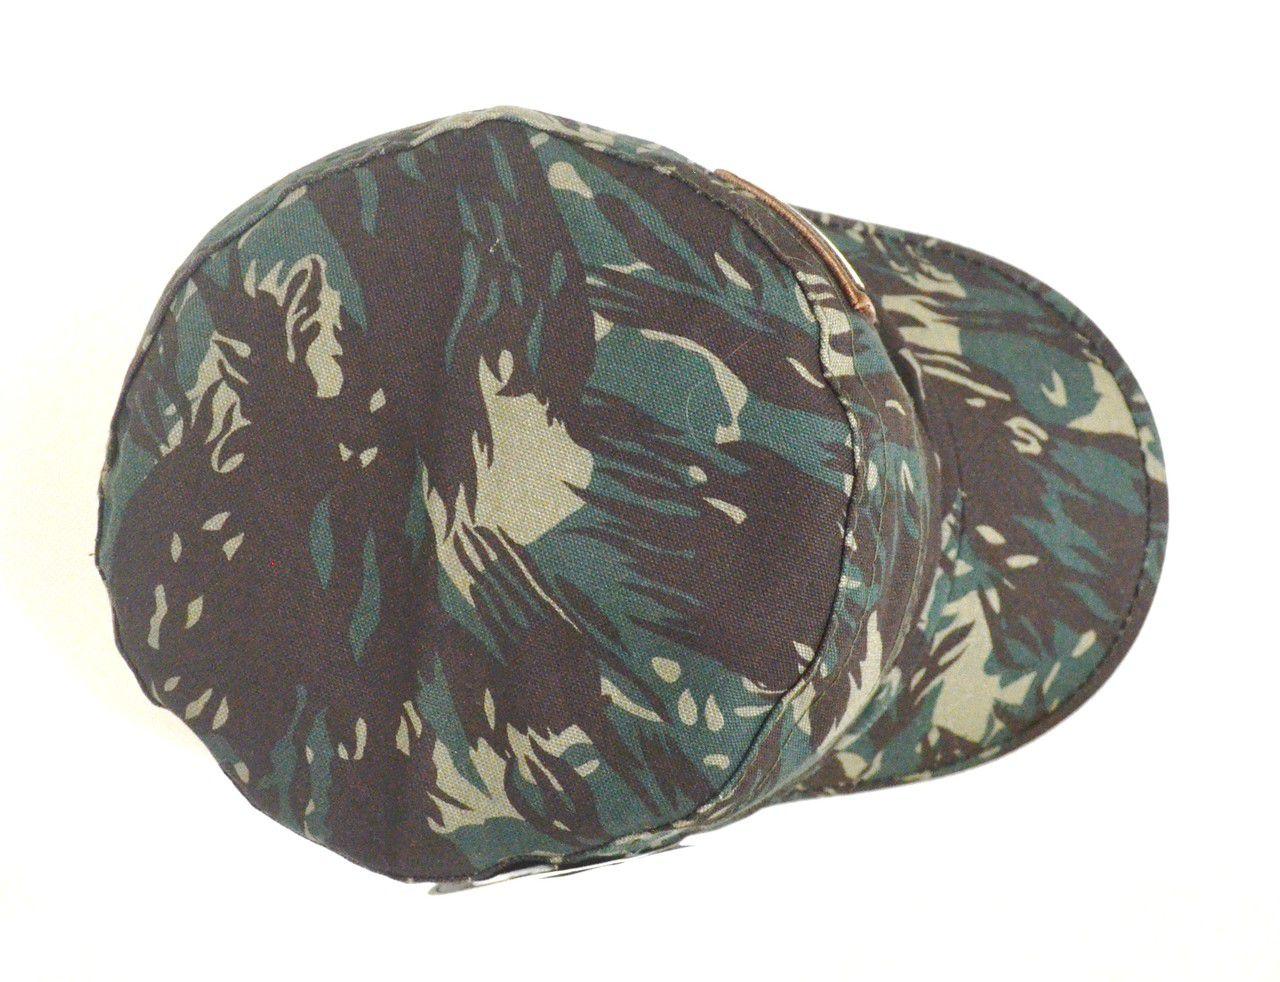 Boné Cap Camuflado Militar Unisex Aba Curva - Com Regulagem de Tamanho